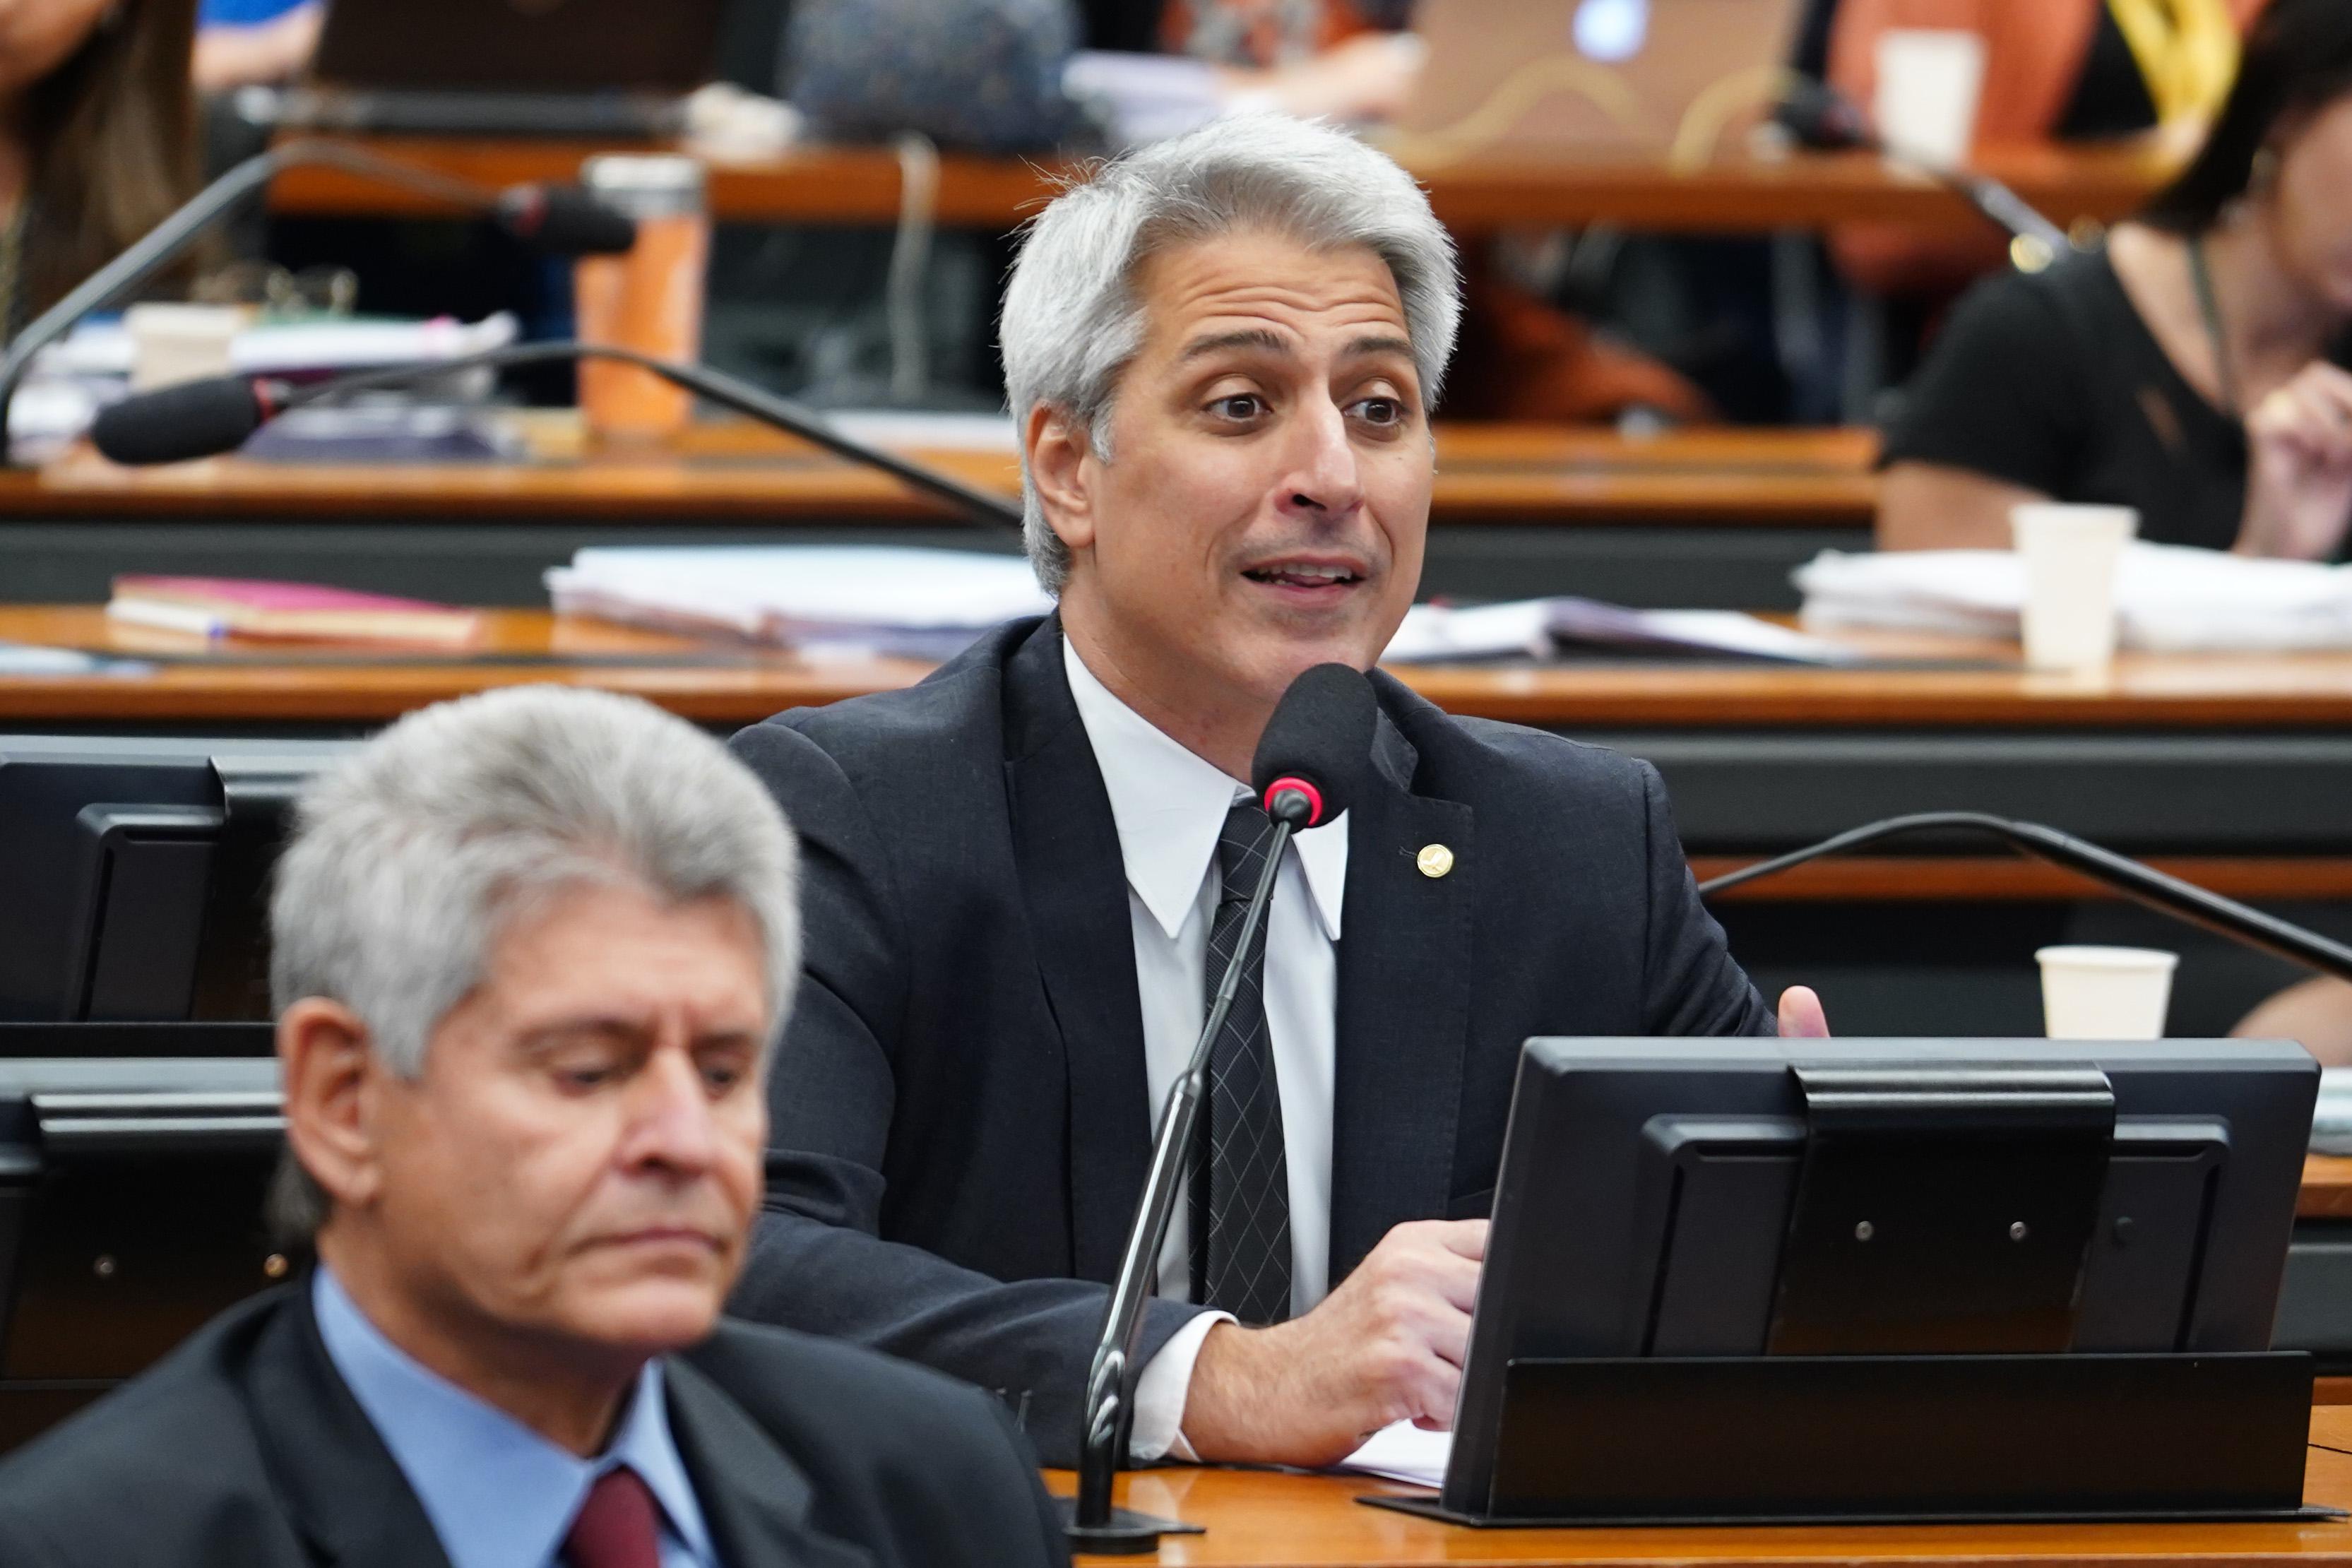 Reunião ordinária para continuação da discussão e votação do parecer do relator, dep. Samuel Moreira (PSDB/SP). Dep. Alessandro Molon (PSB-RJ)